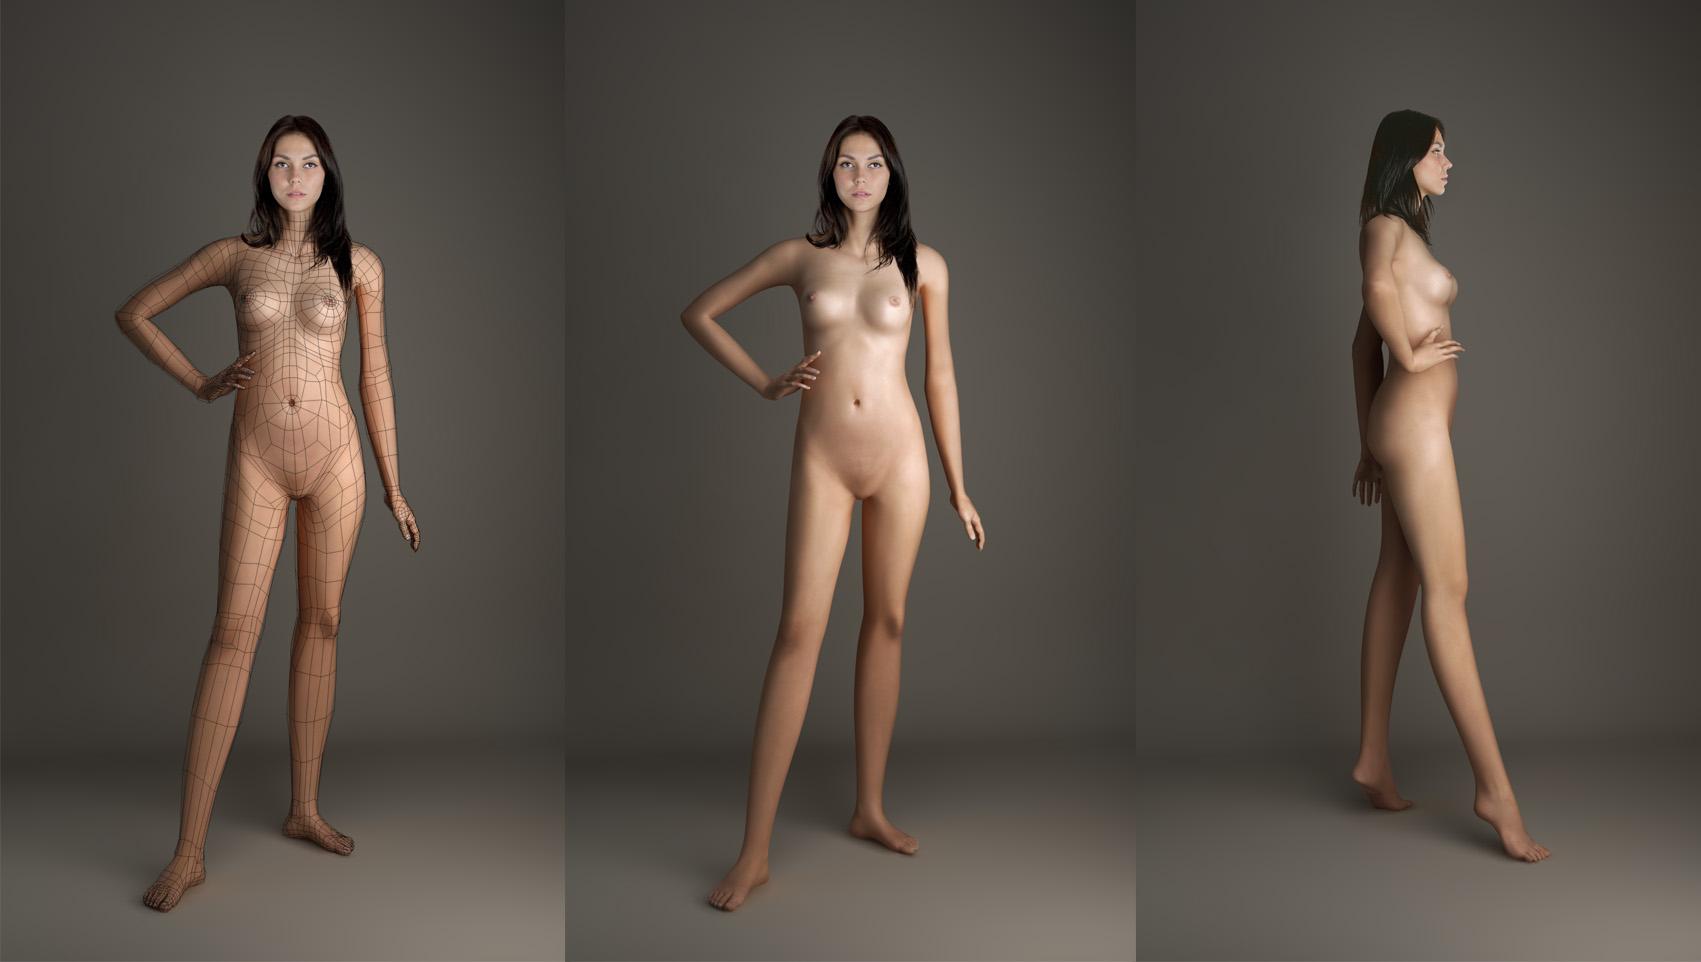 Работа моделью в интернет магазине